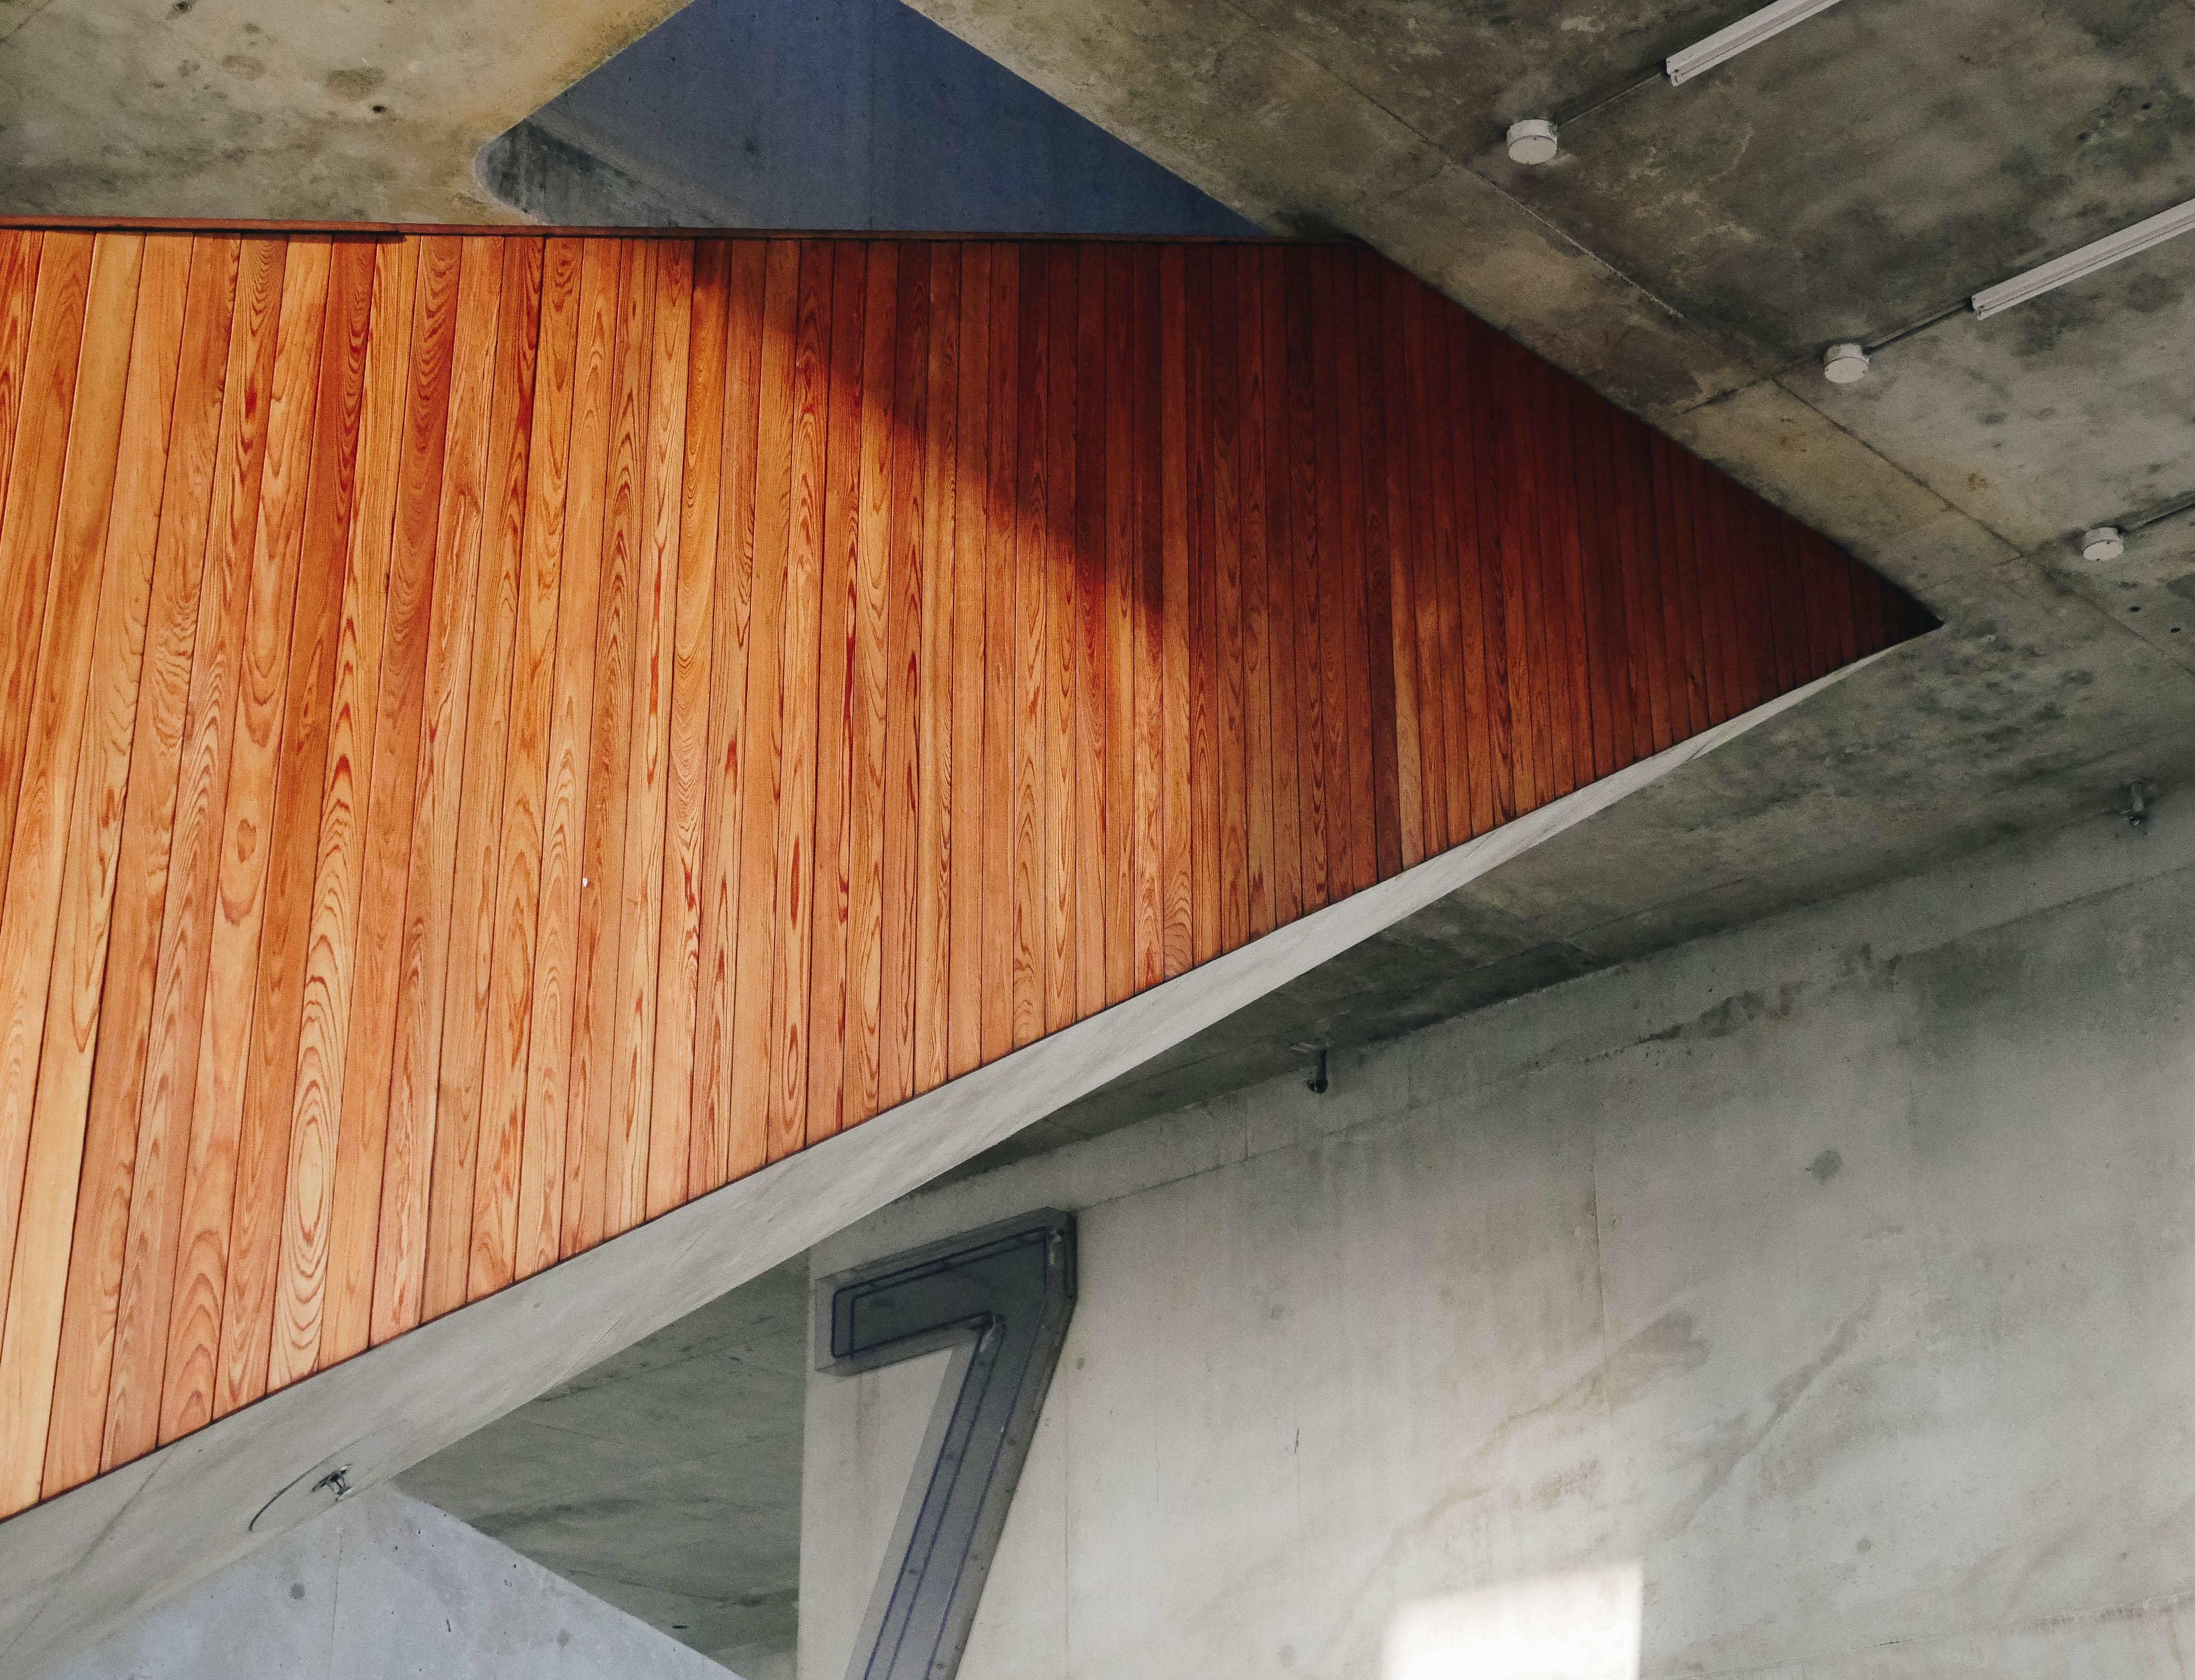 Immagini belle legna casa pavimento tetto parete